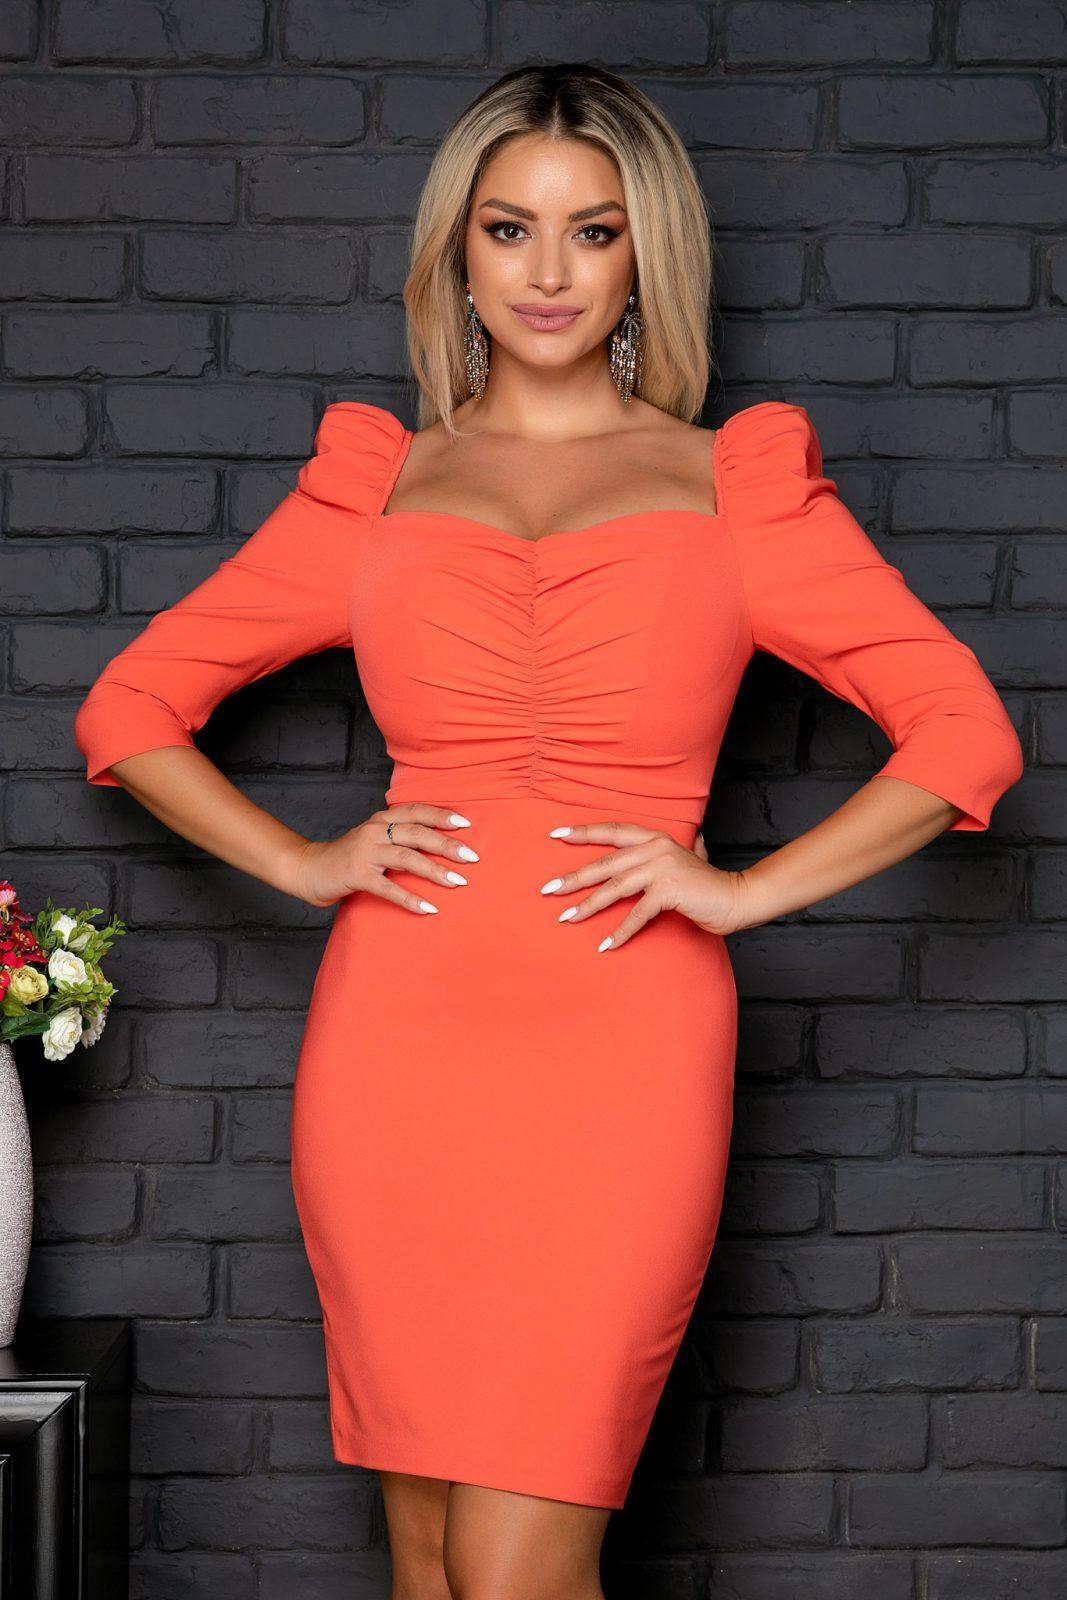 Κοραλί Φόρεμα Σε Στενή Γραμμή Amaya 8003